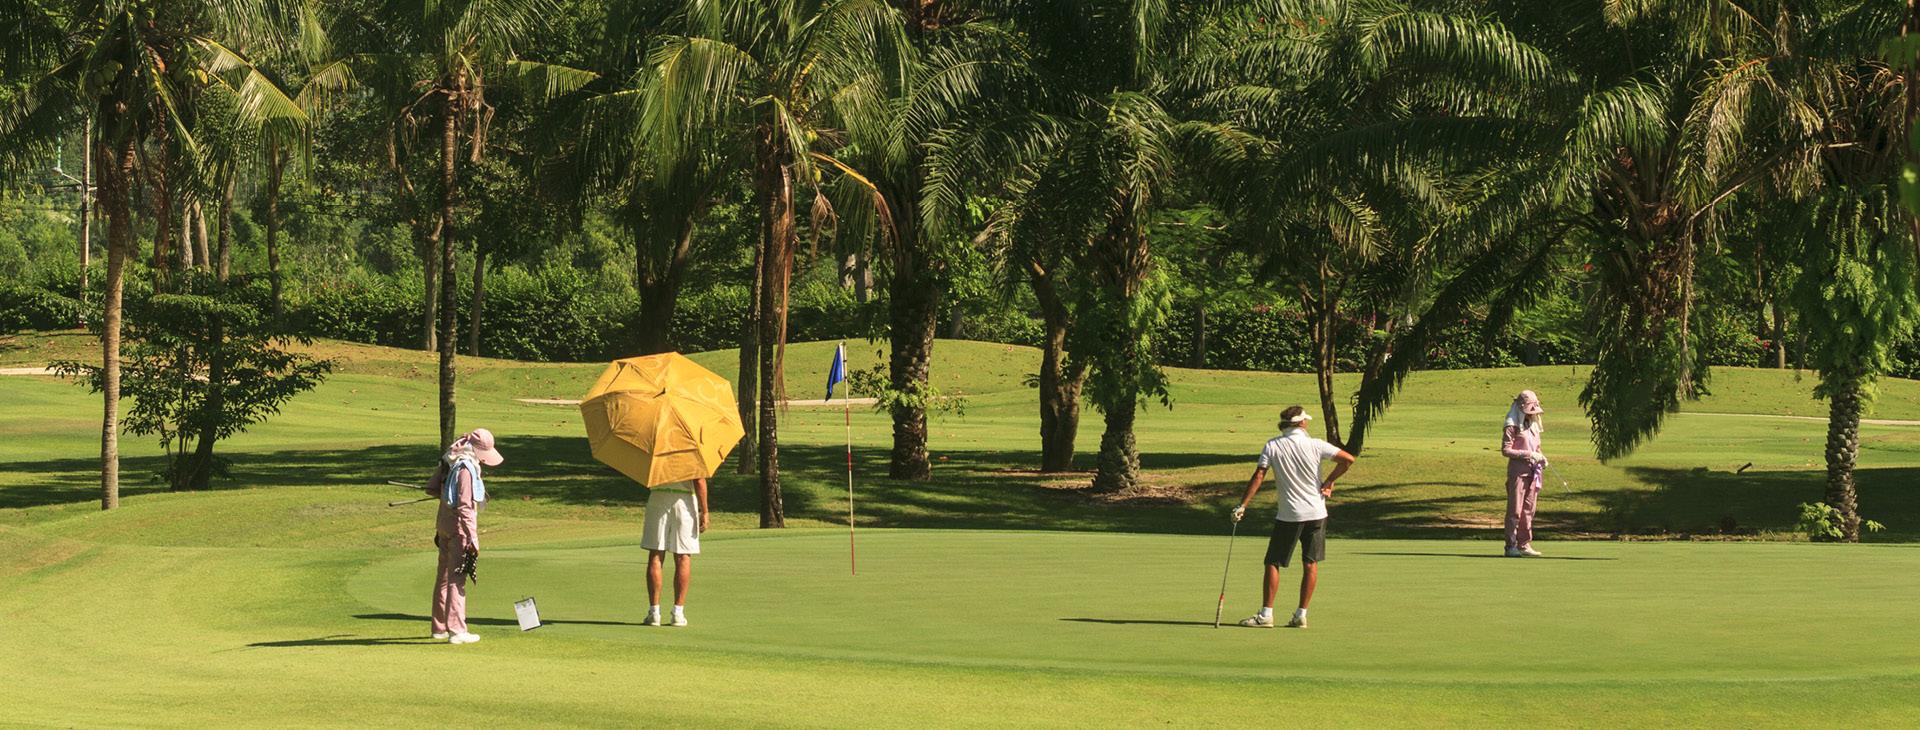 phuket-golf-slider2